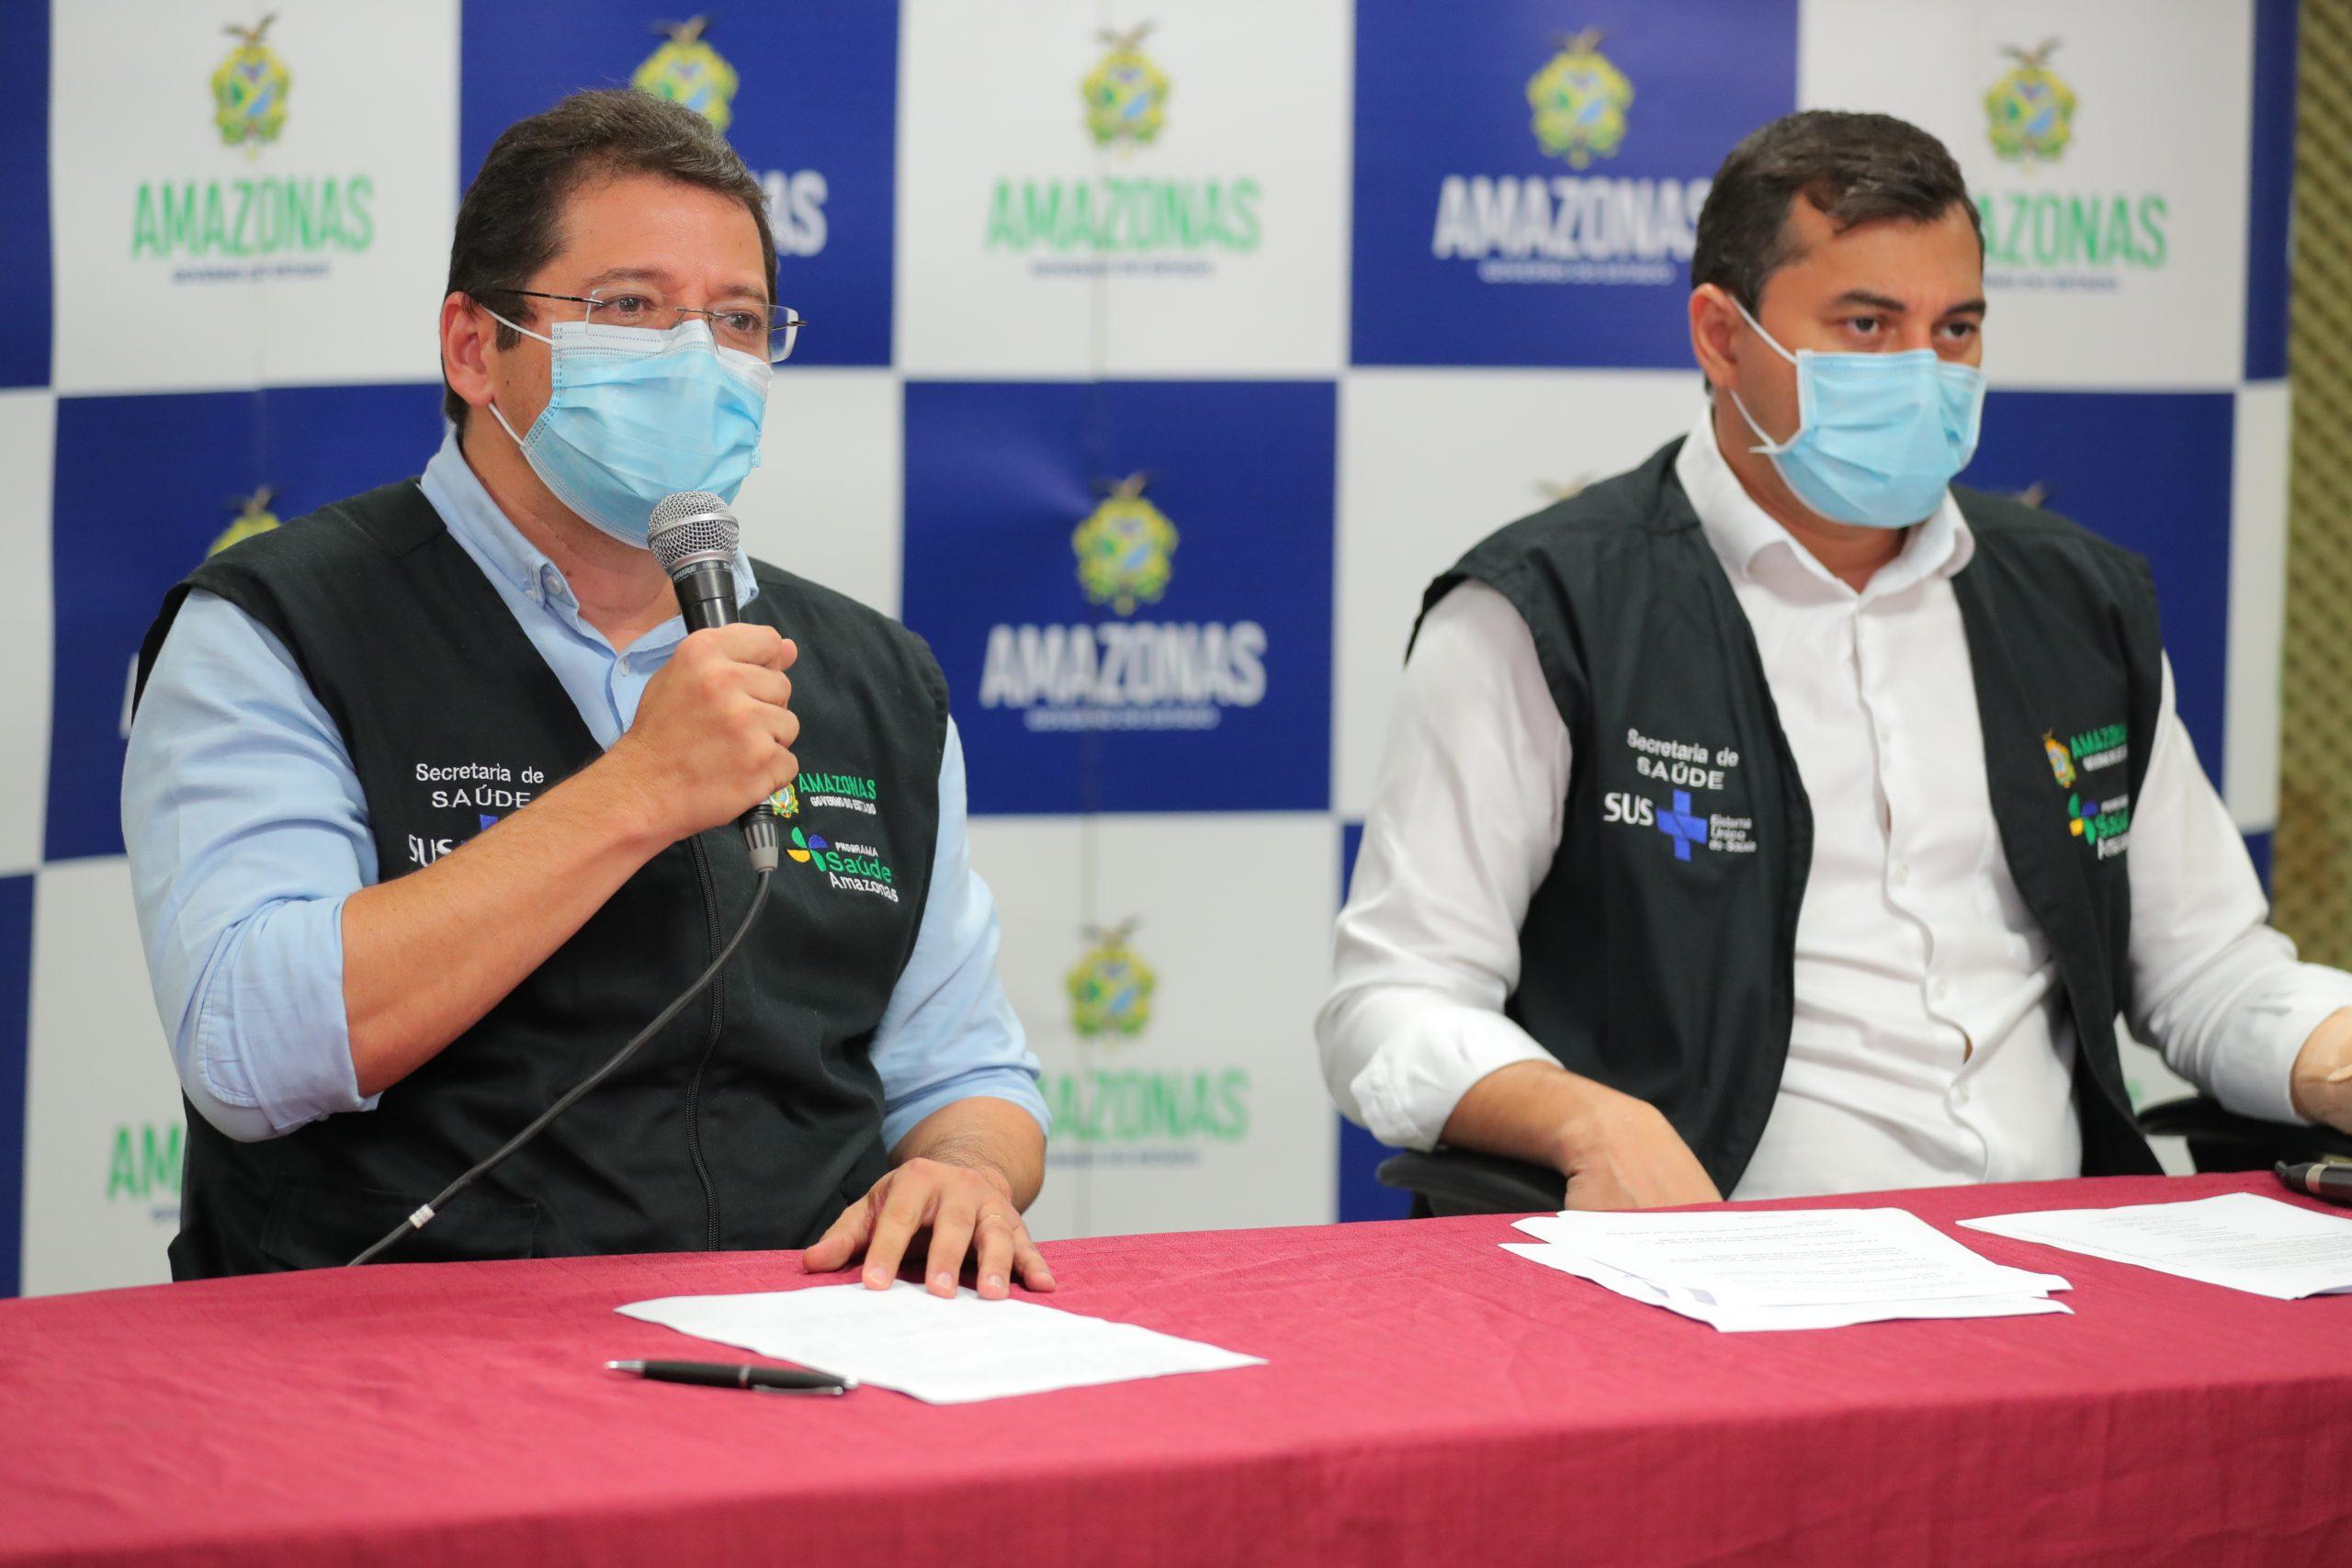 Municípios do interior terão miniusinas e mais recursos do FTI, afirma governador Wilson Lima